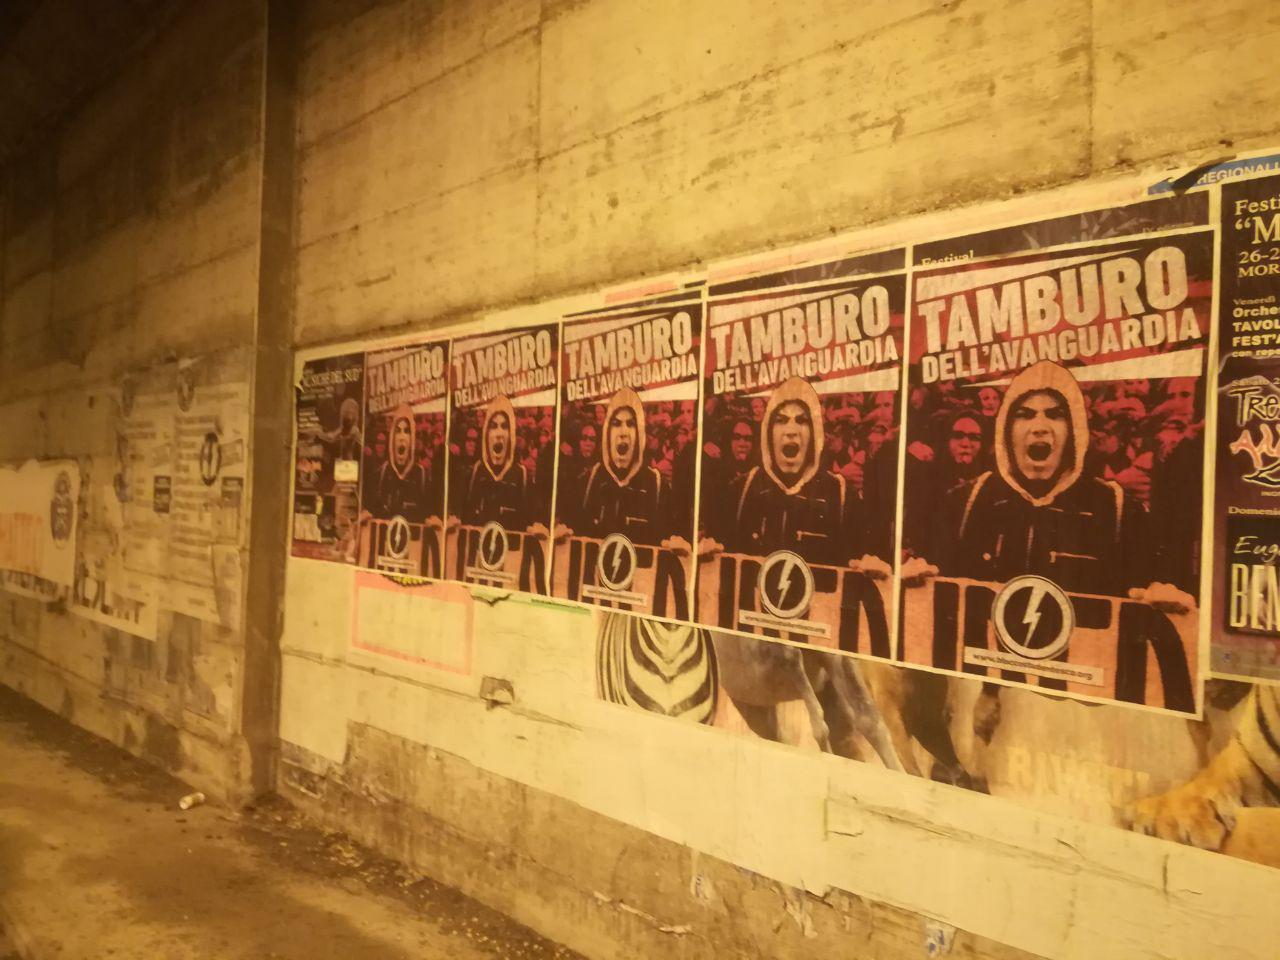 Il Blocco Studentesco affigge manifesti in tutto il Molise ed annuncia dossier sull'agibilità sismica nelle scuole di Campobasso